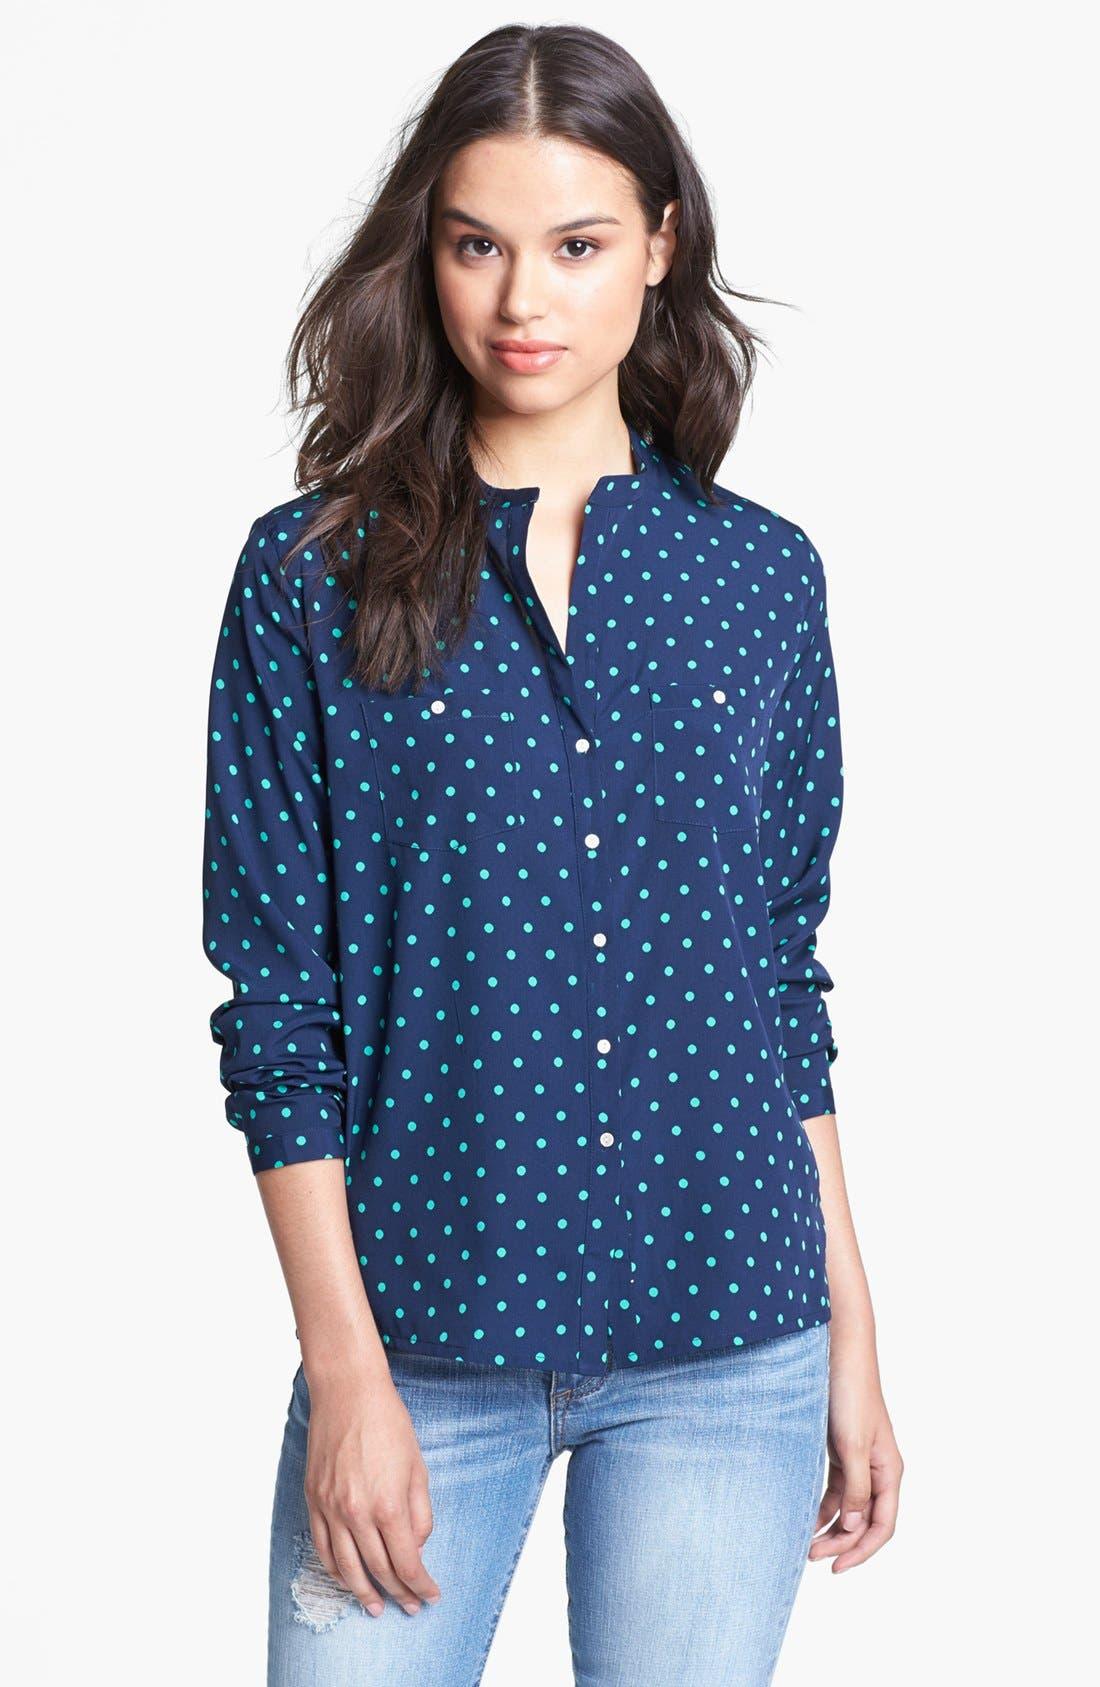 Alternate Image 1 Selected - KUT from the Kloth 'Sabina' Polka Dot Shirt